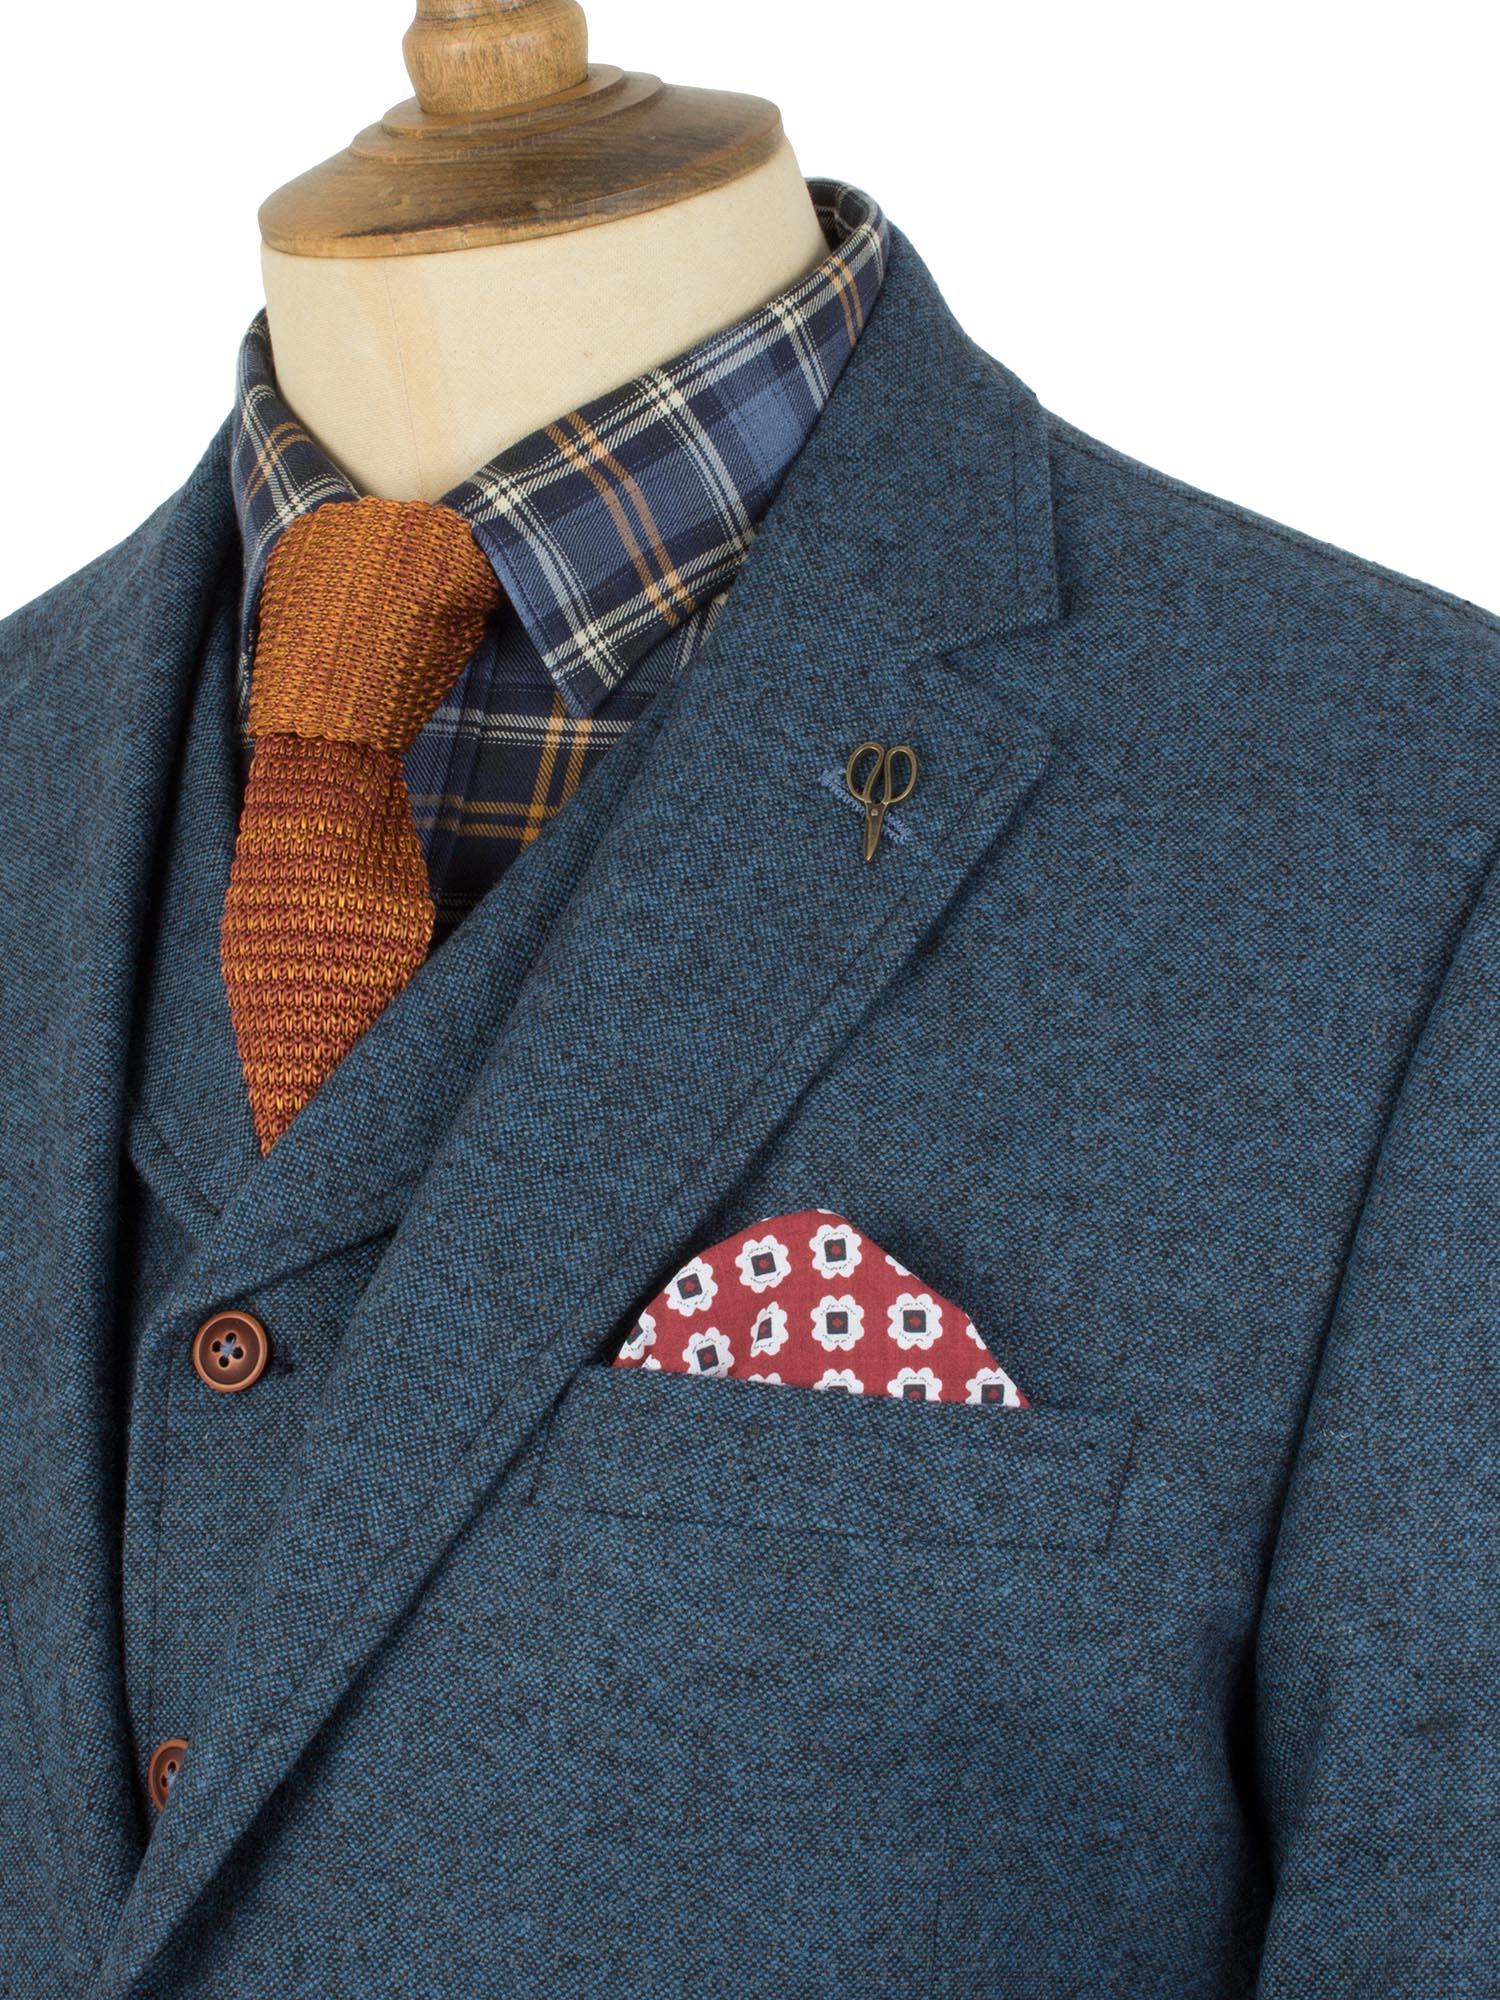 Tweed Suits For Weddings Tom Murphy Menswear